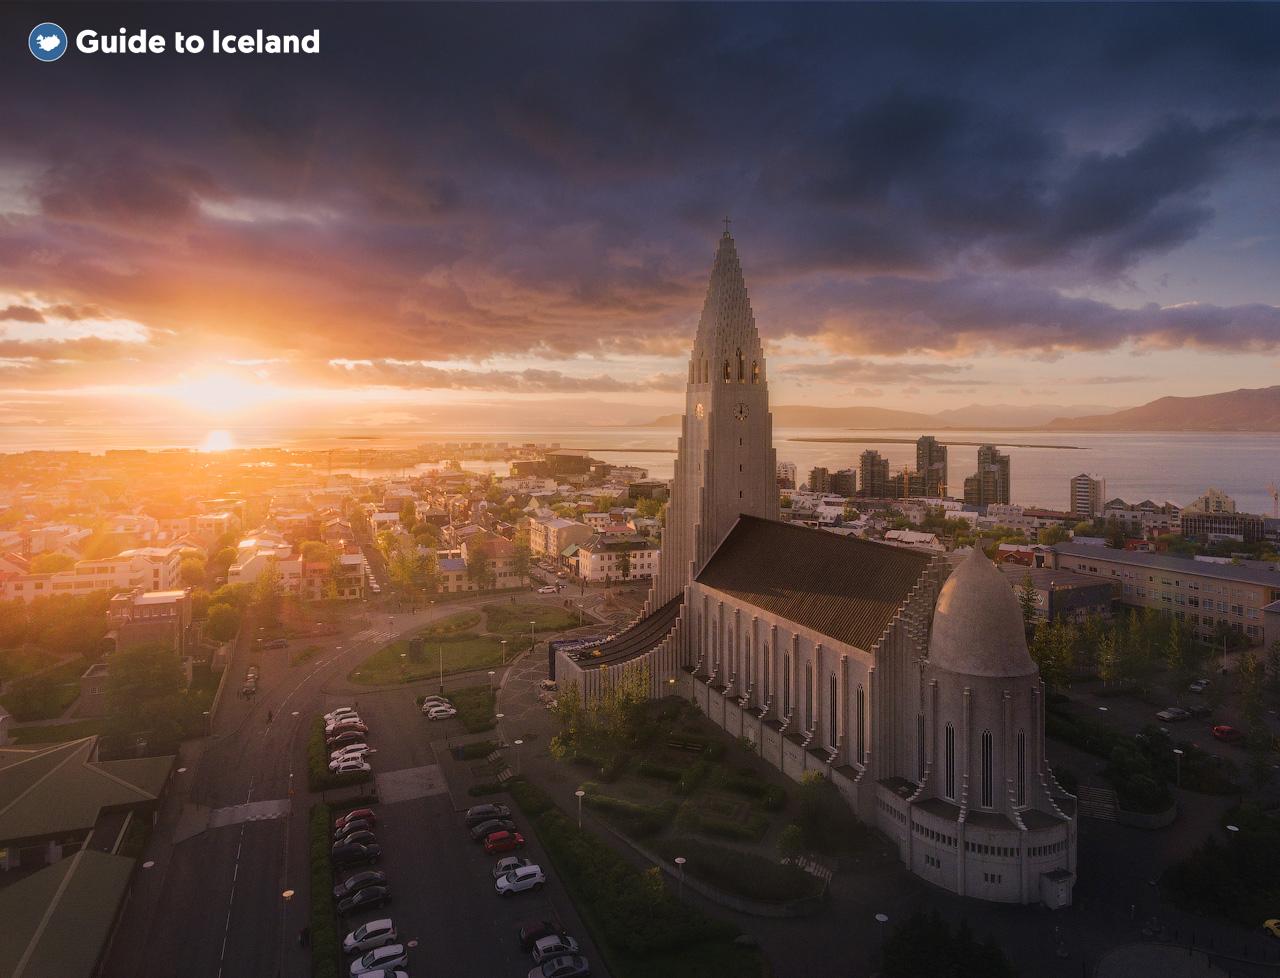 ที่เรคยาวิกเมืองหลวงของไอซ์แลนด์ บ้านเรือนมีหลังคาหลากสีสวยงาม